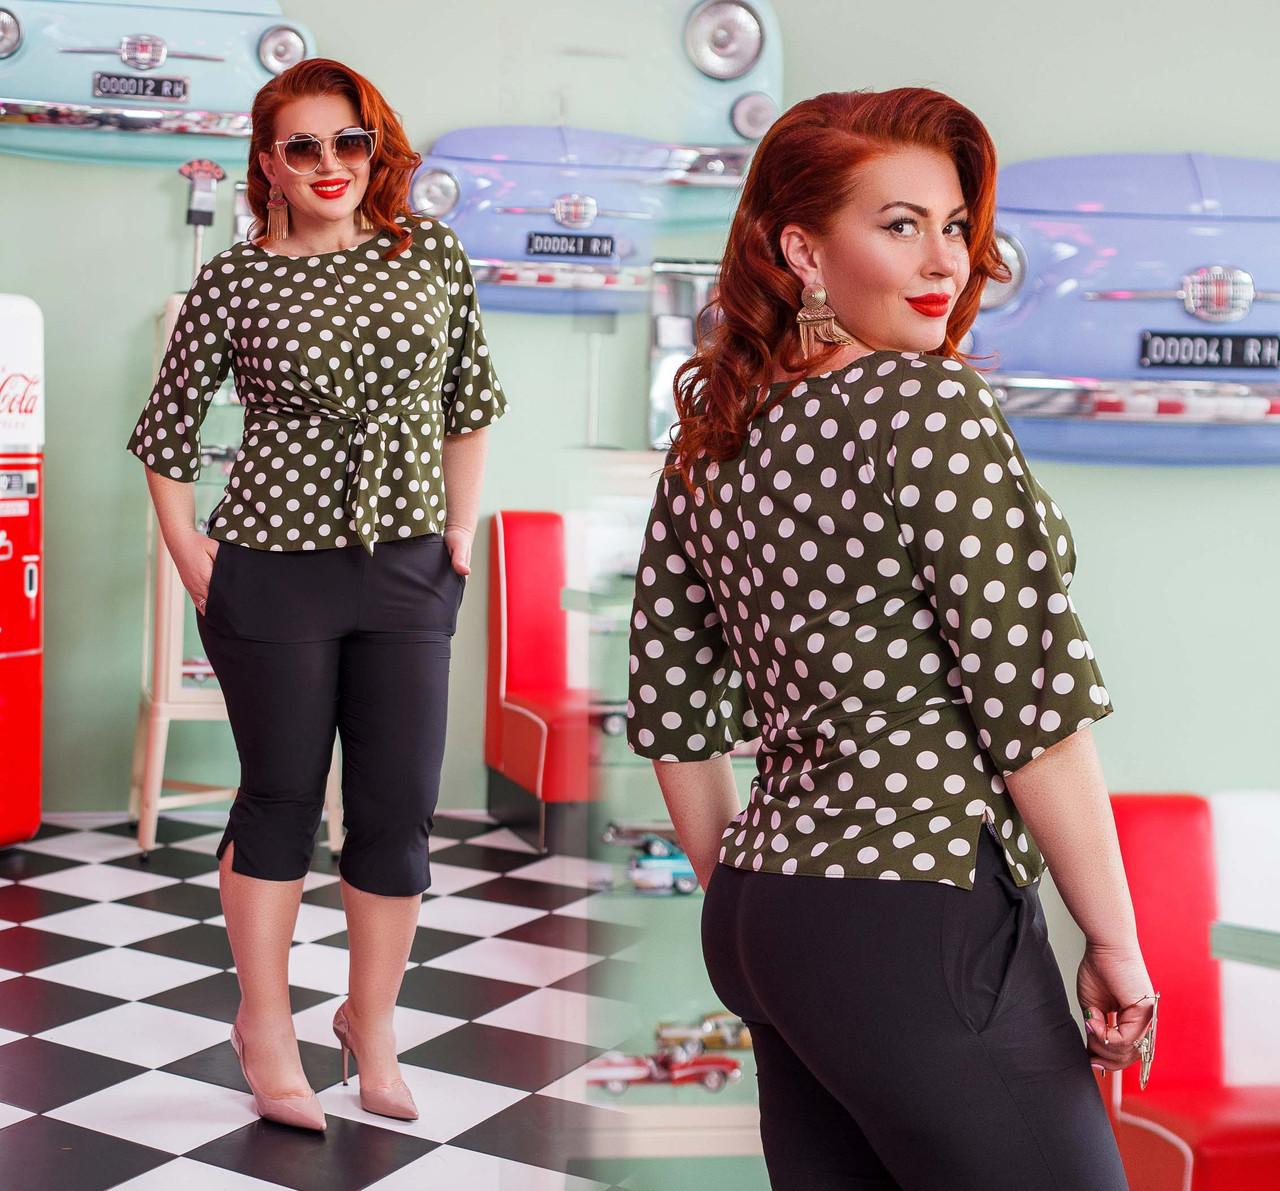 """Стильный женский костюм с бриджами в больших размерах 0406 """"Софт Комби Горошек Завязки"""" в расцветках"""